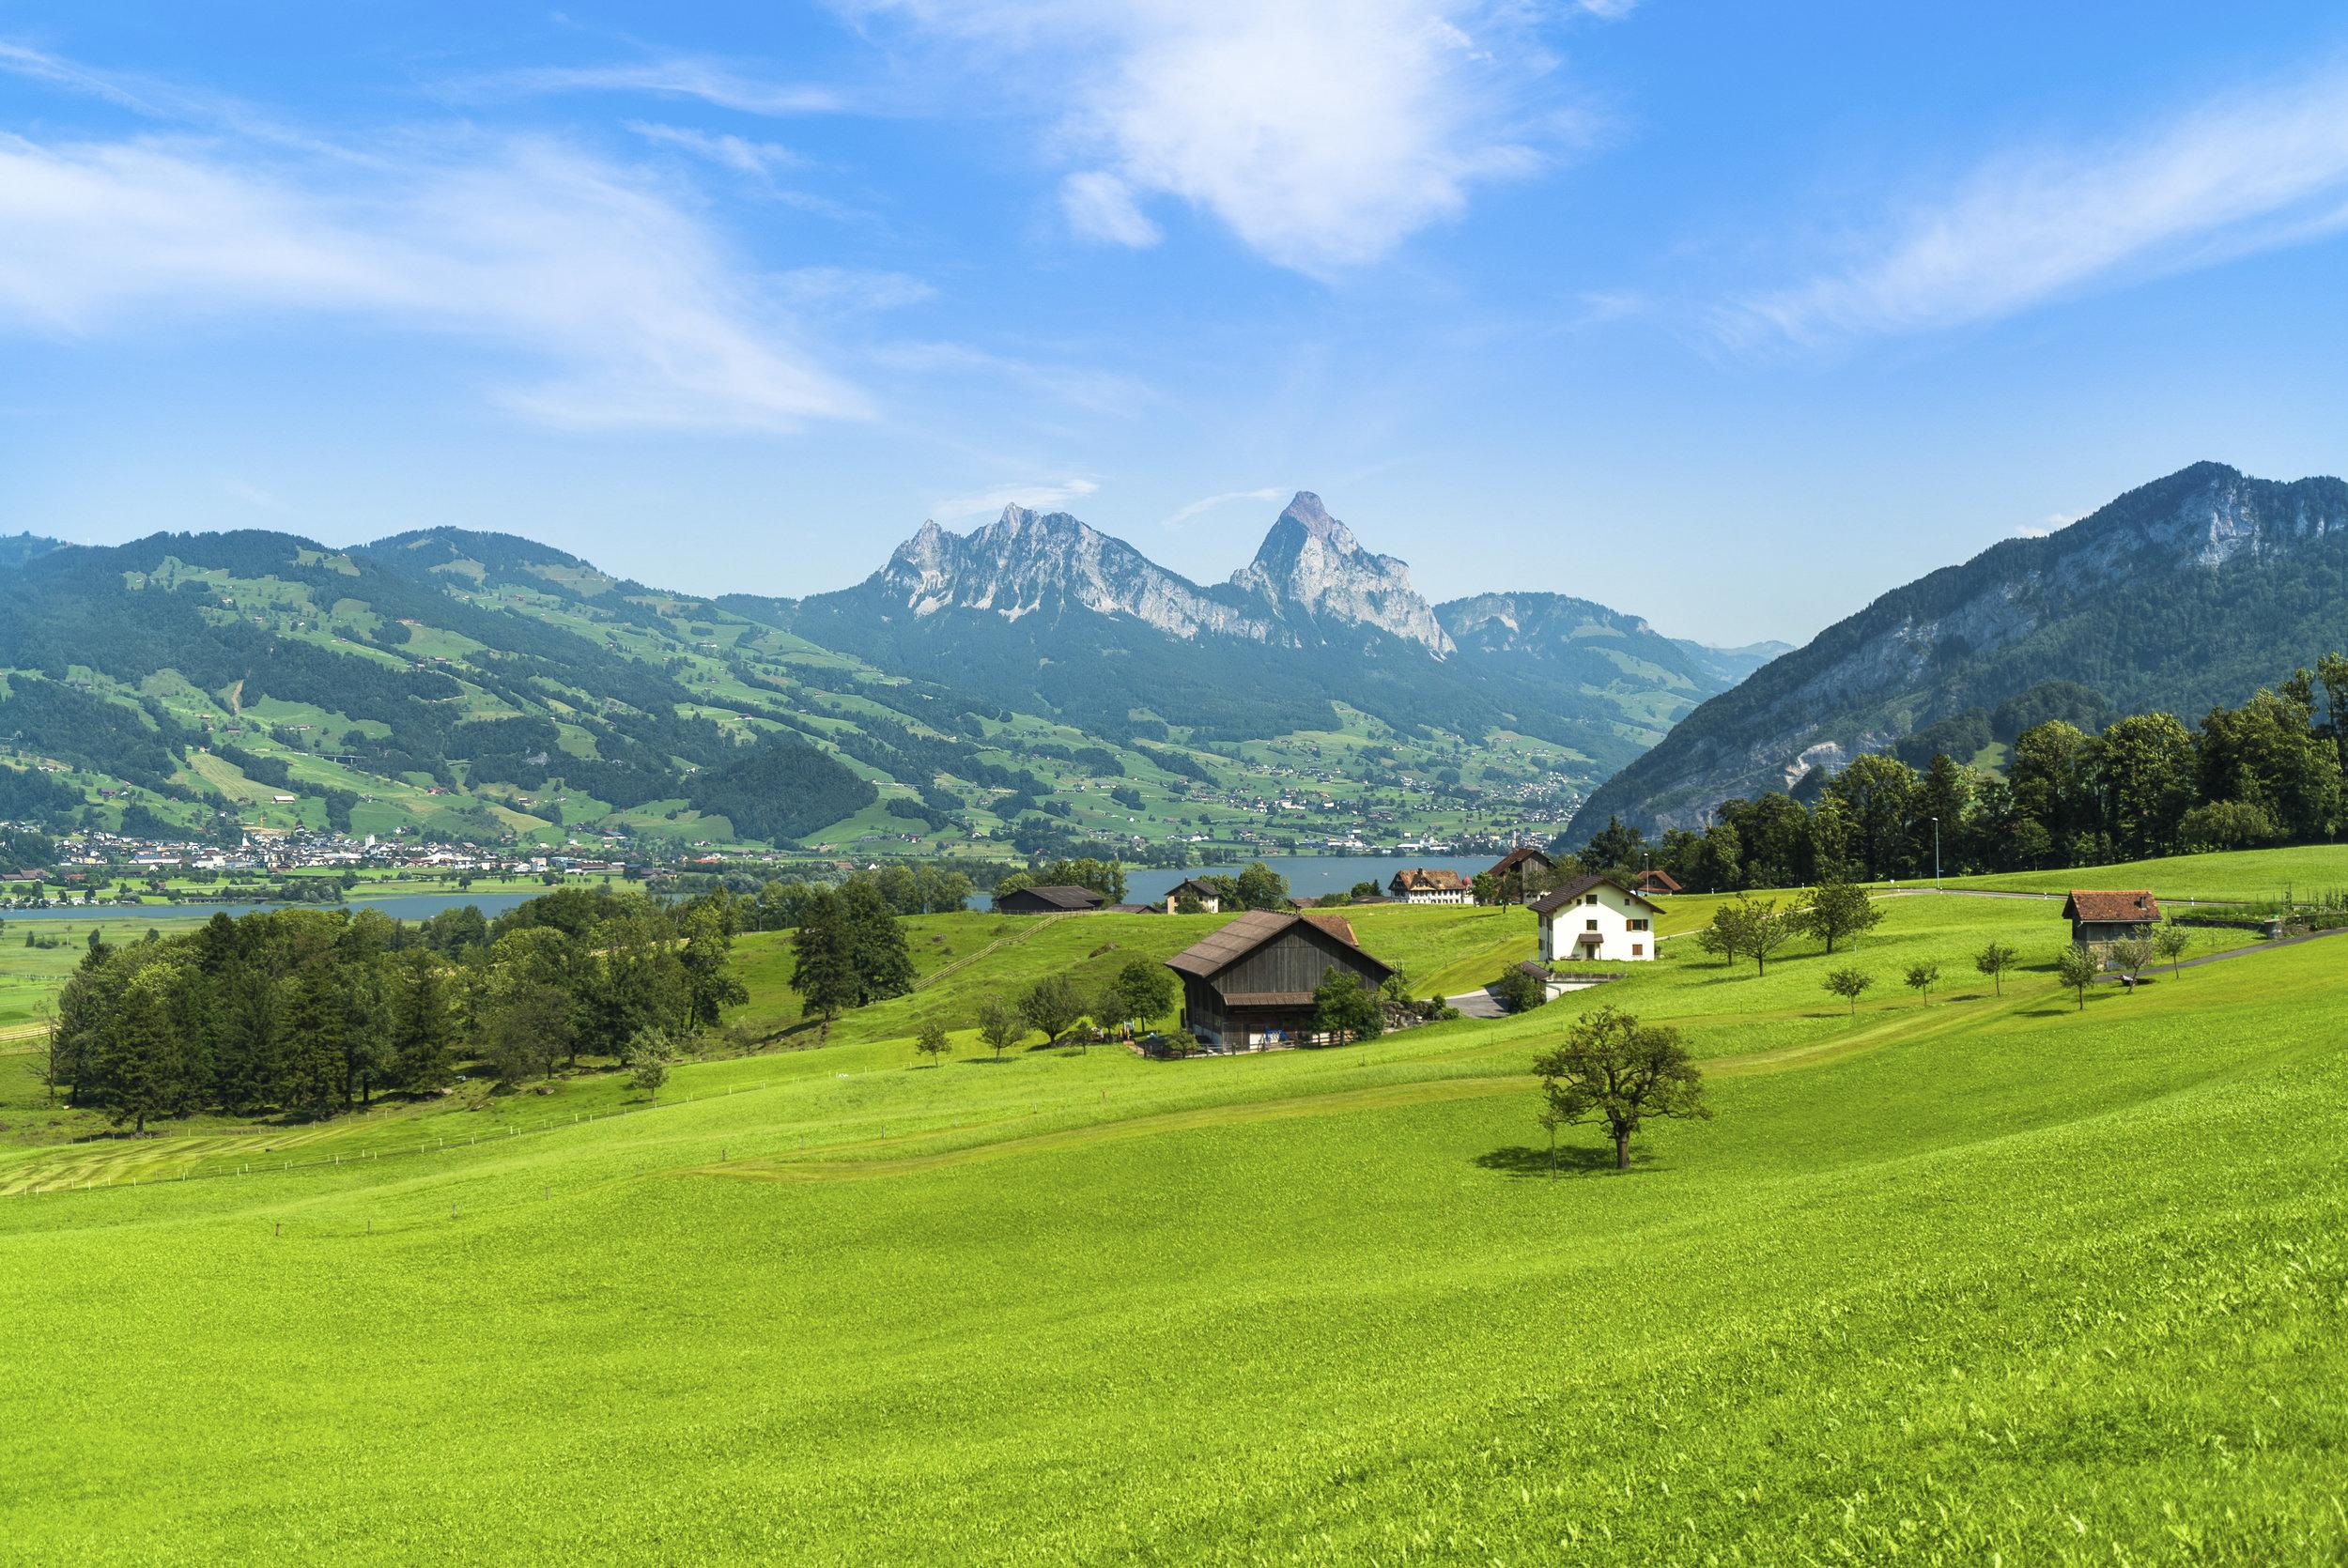 Goldau & Grosser Mythen - Switzerland